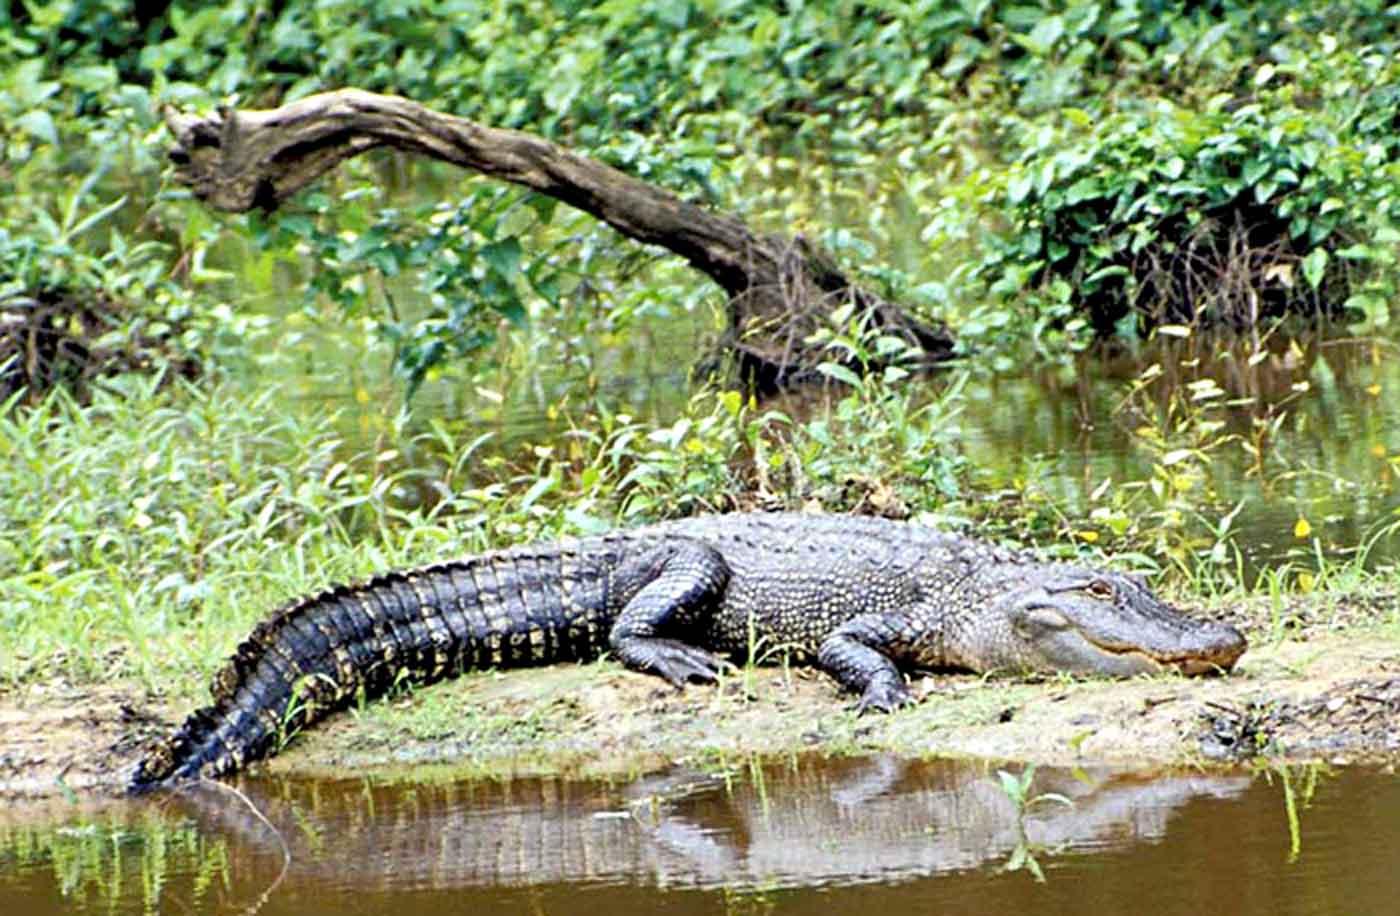 hight resolution of 2018 2019 alligator seasons regulations